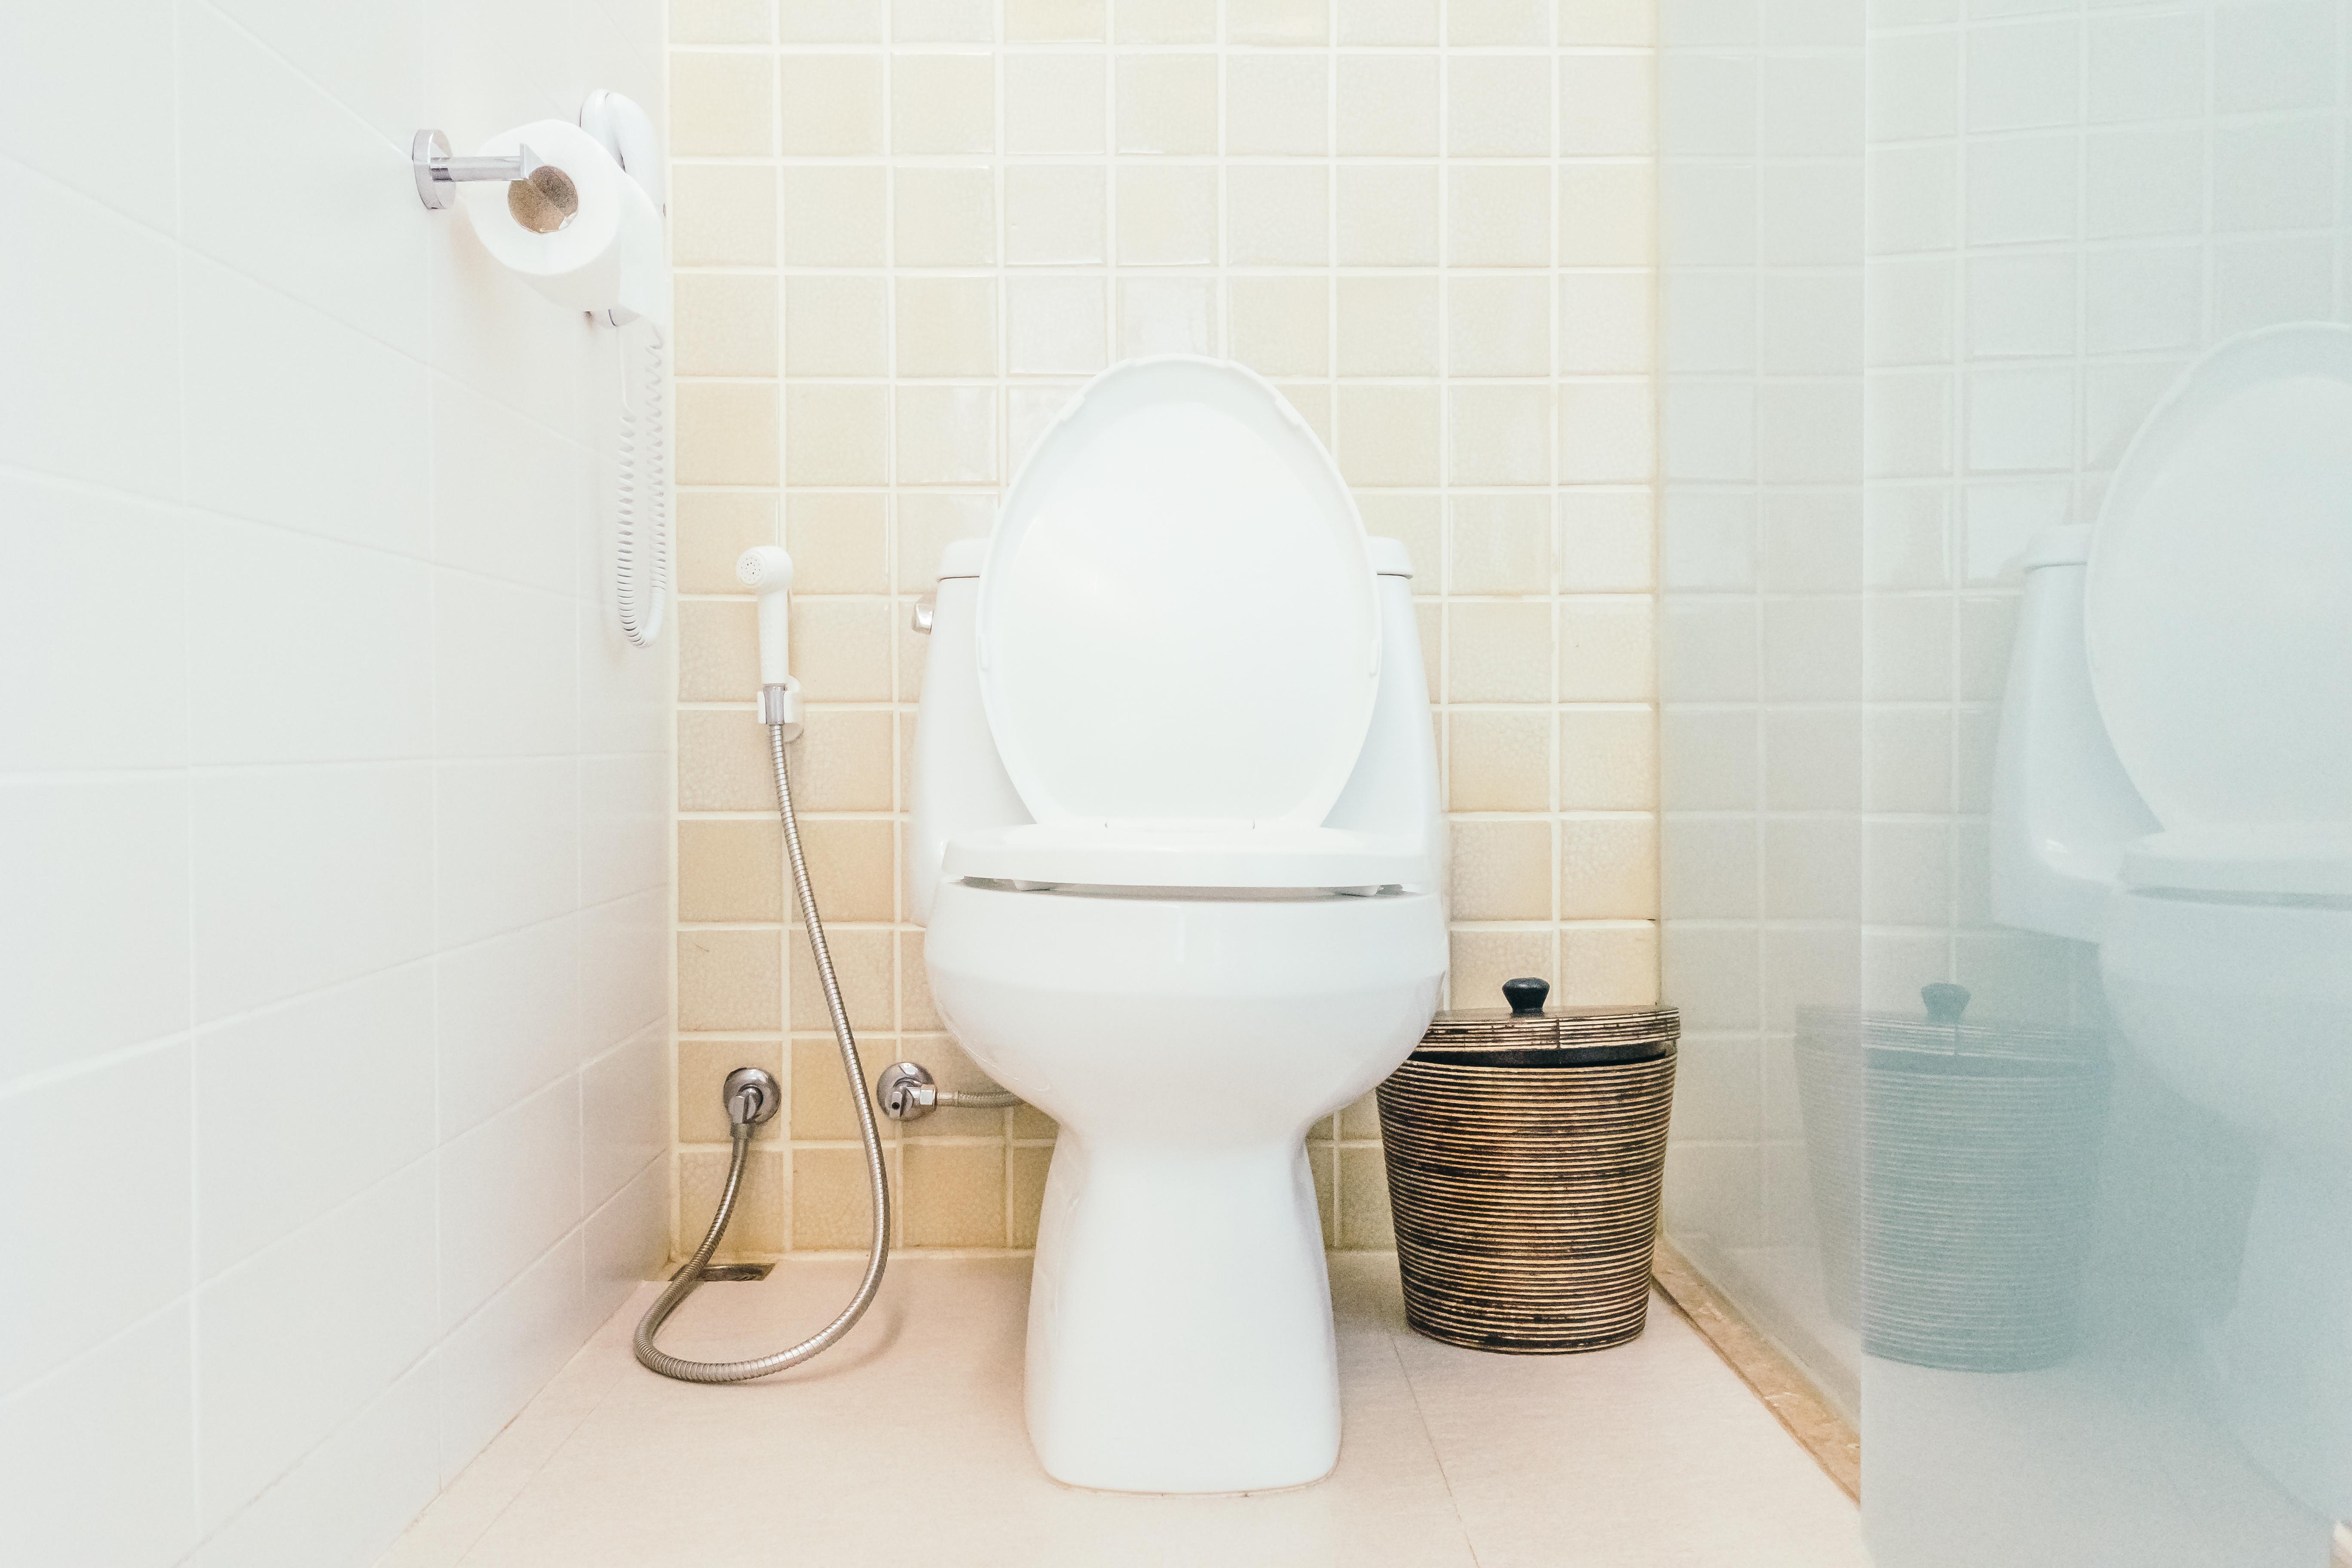 Mengatasi permasalahan saluran kamar mandi mampet Bogor tanpa bongkar